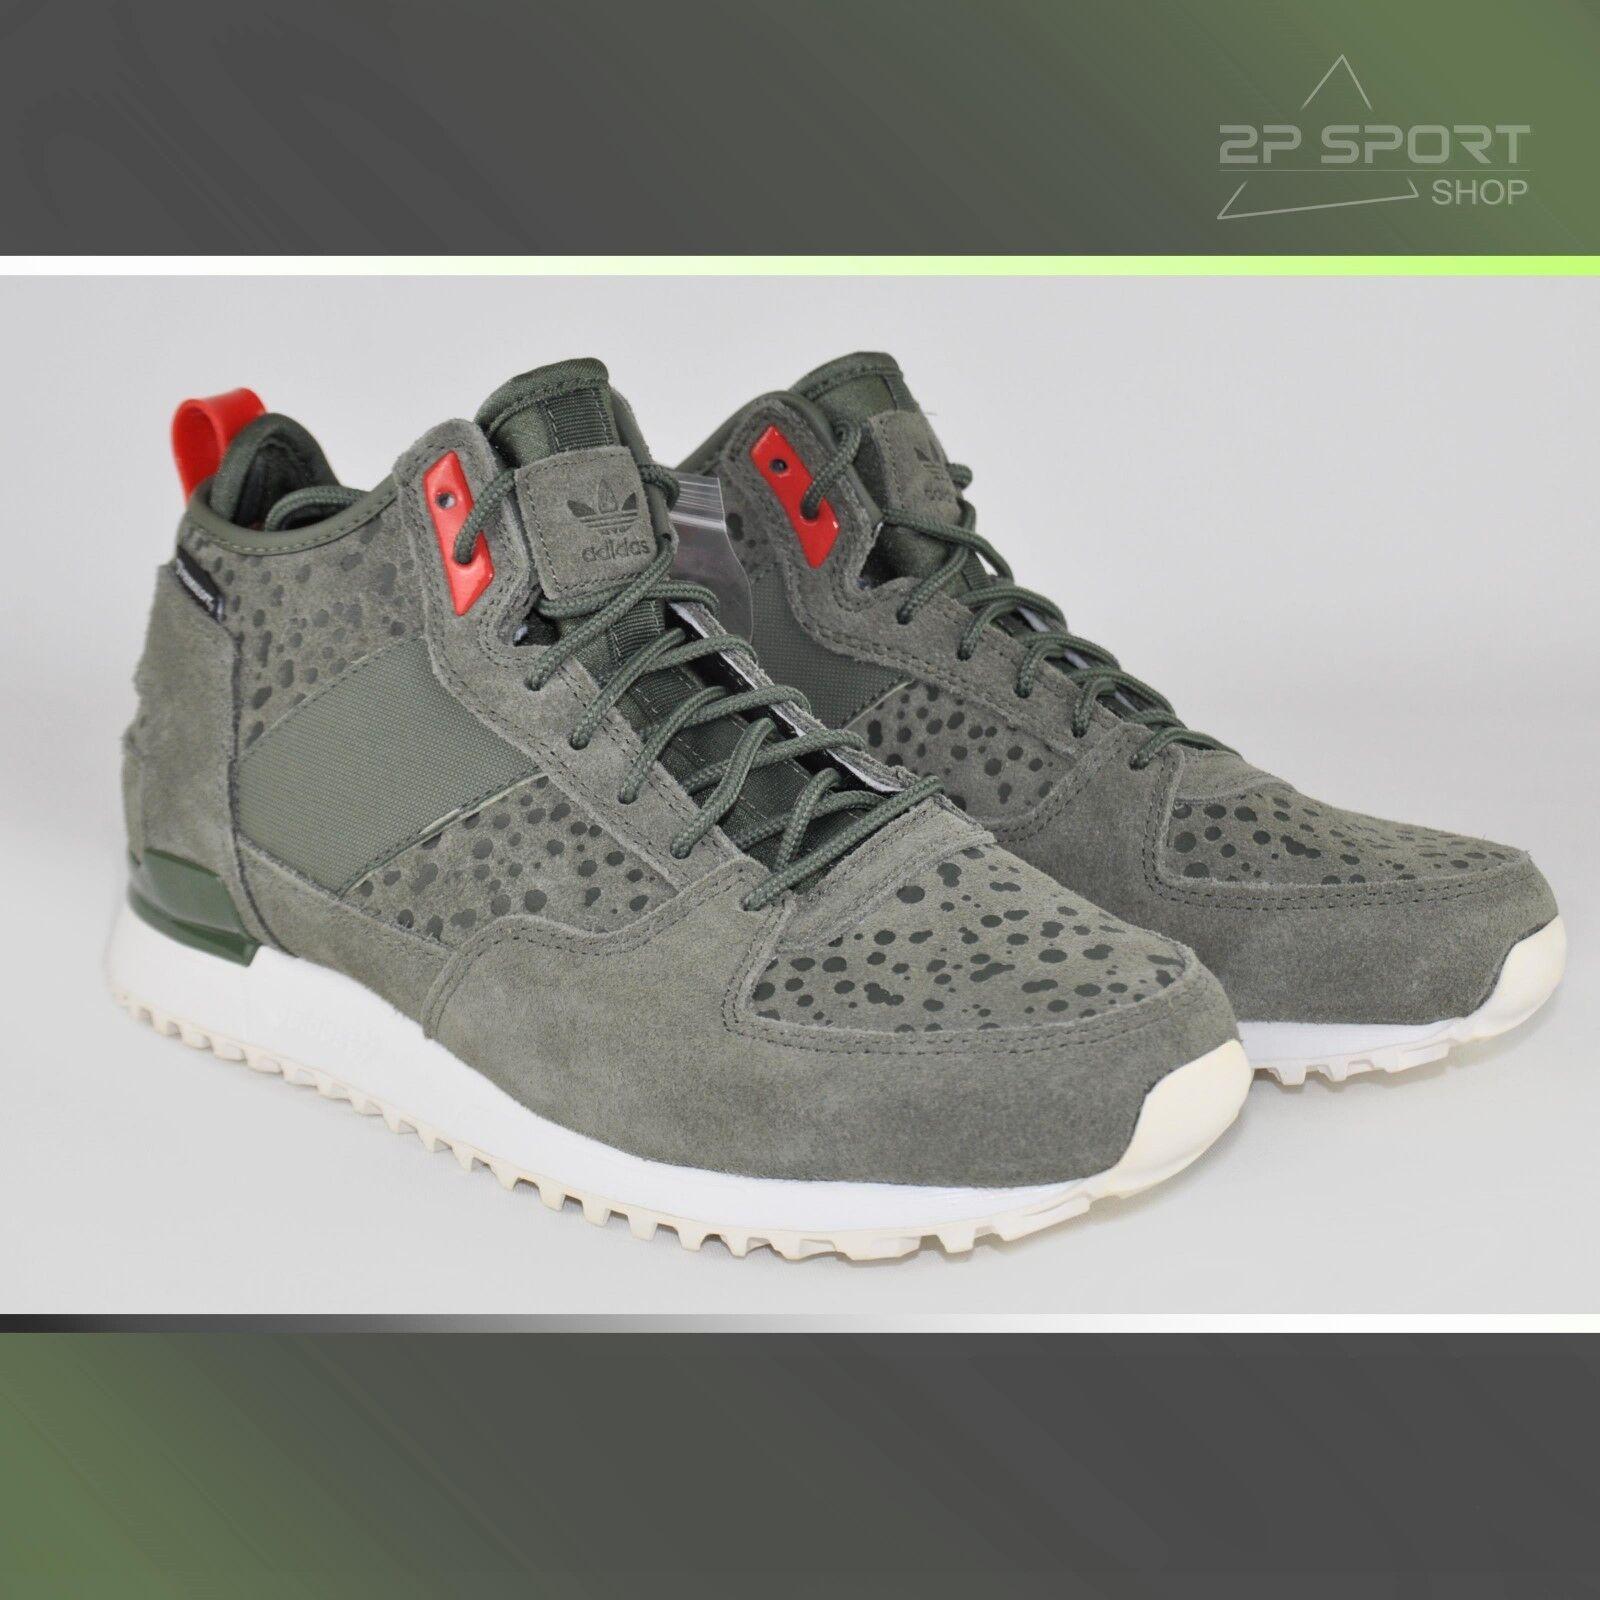 ADIDAS MILITARE scarpe RUNNER Outdoor SPORT  TREKKING scarpe da ginnastica M20996 uomo GR 65533;65533N;  best-seller